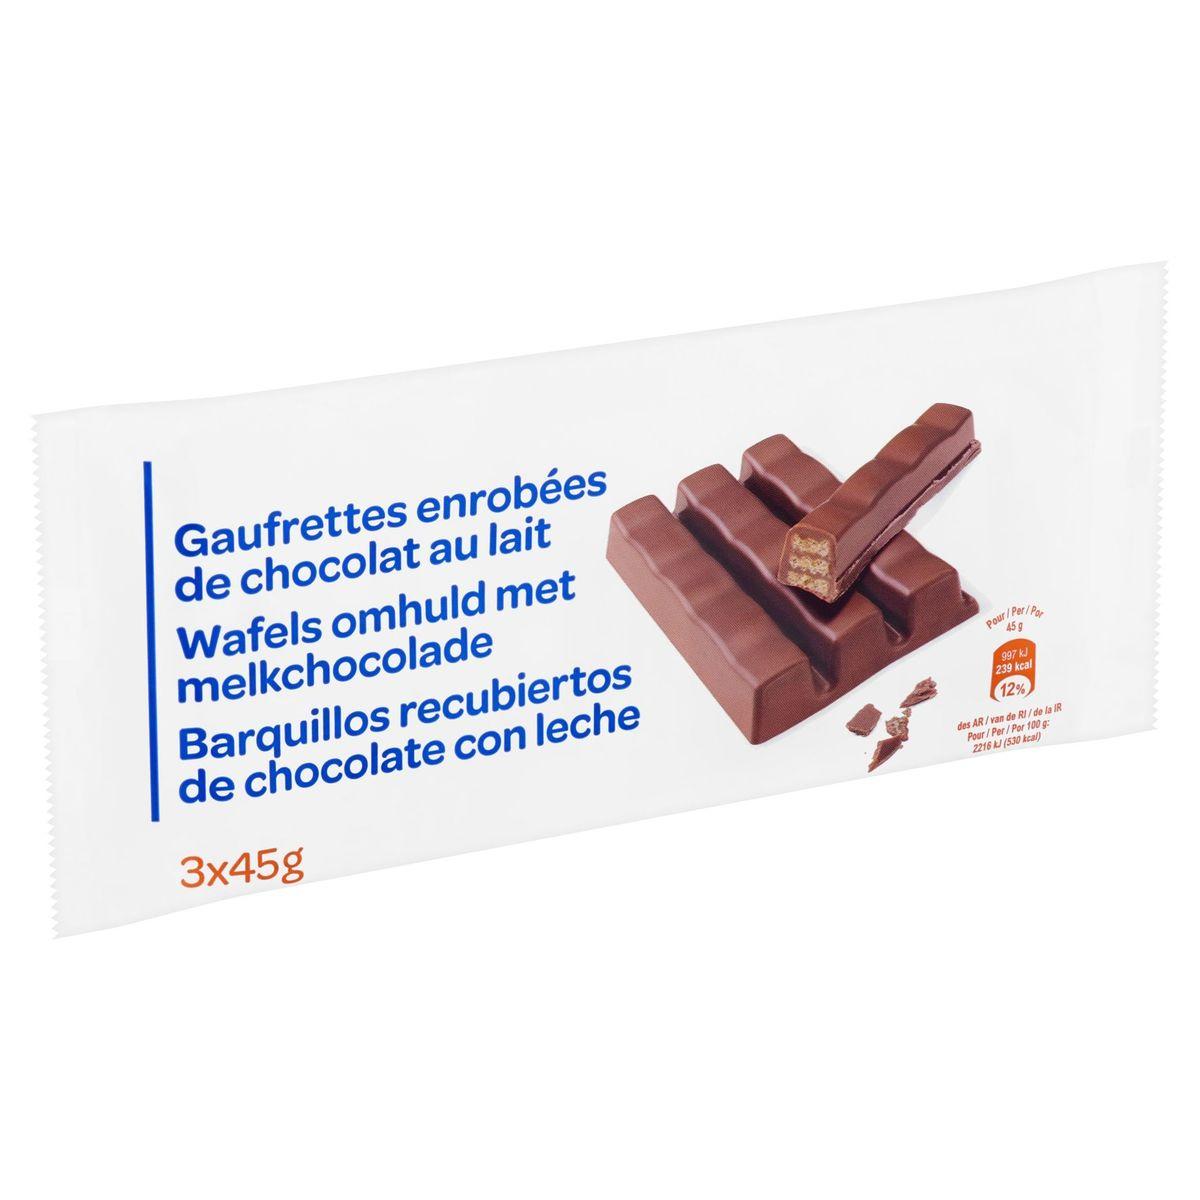 Carrefour Gaufrettes Enrobées de Chocolat au Lait 3 x 45 g